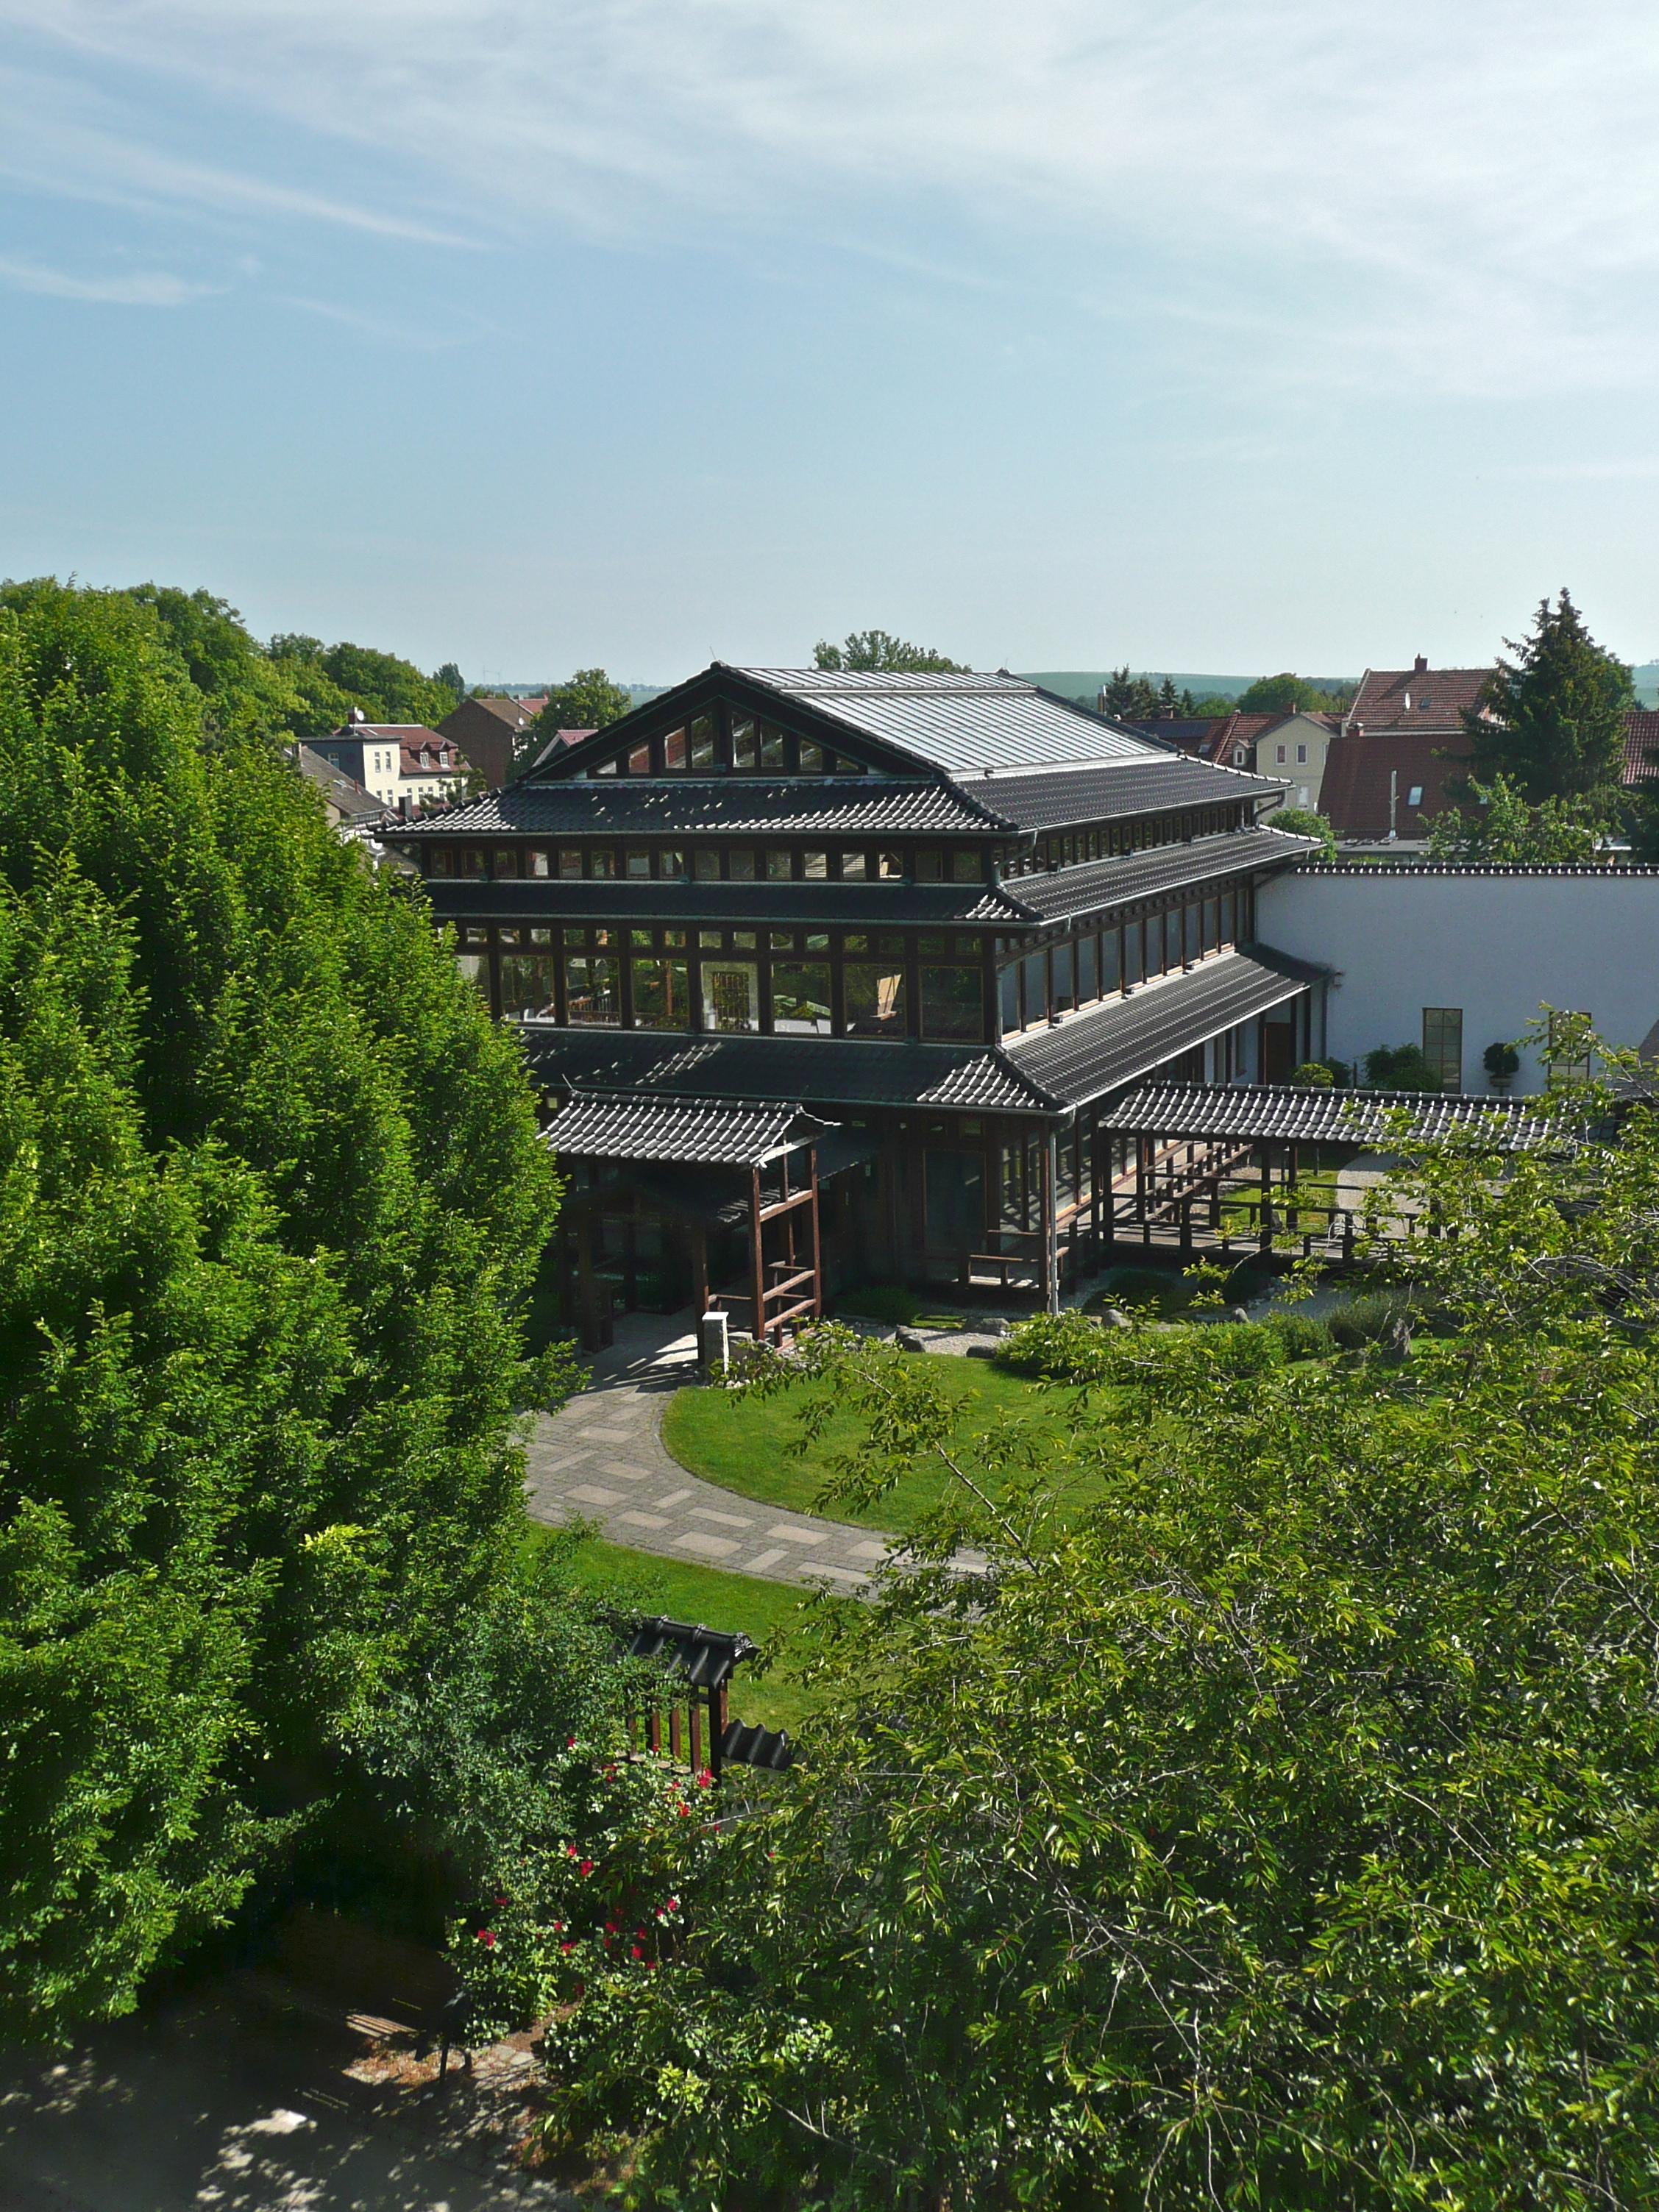 Filejapanischer Garten Bad Langensalza 052018jpg Wikimedia Commons